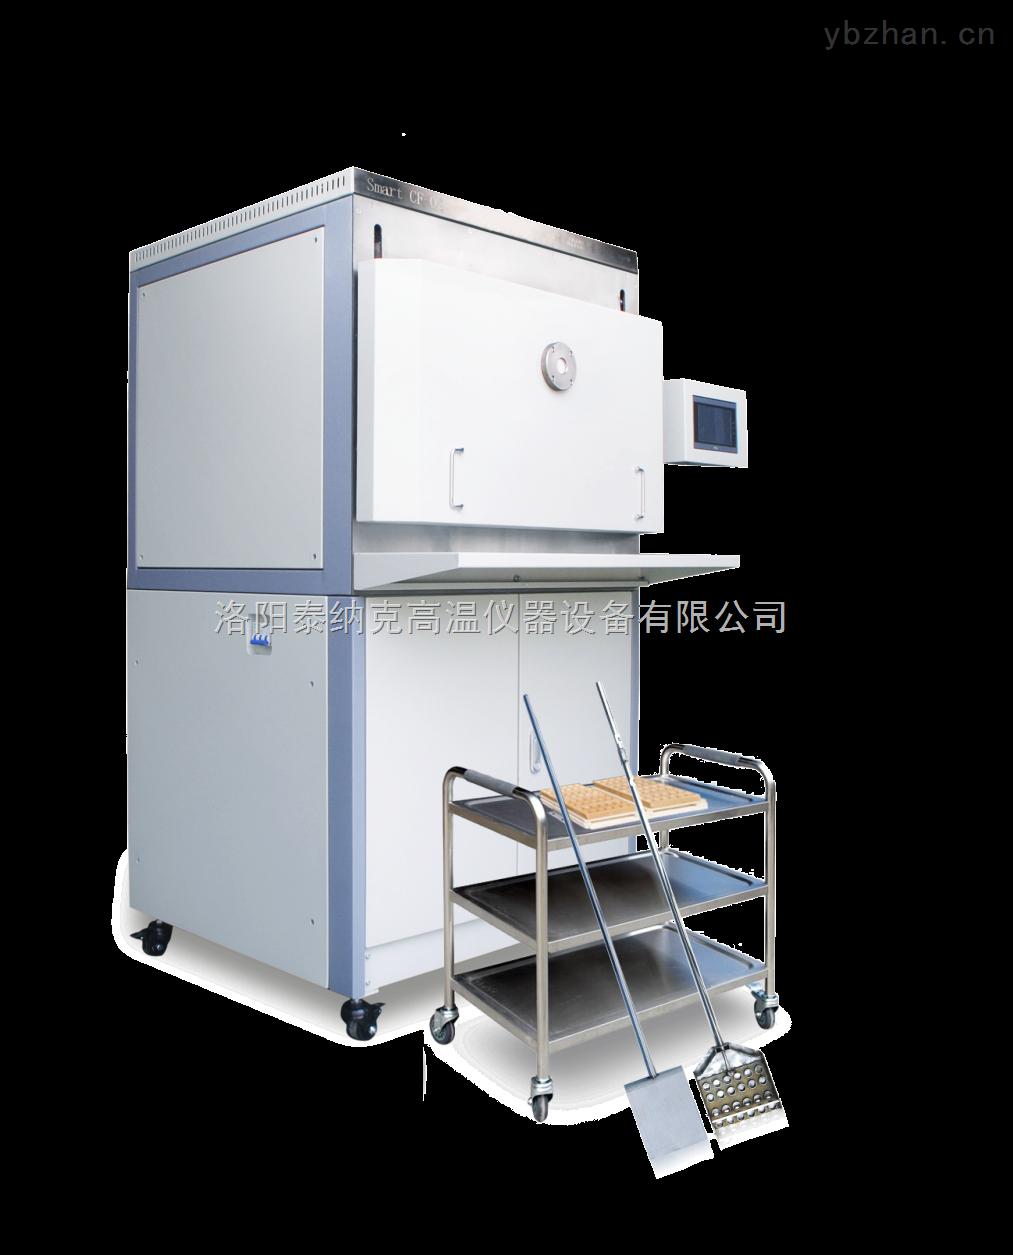 实验仪器 恒温/加热/干燥设备 马弗炉(实验炉) smart cf-02智能型火试